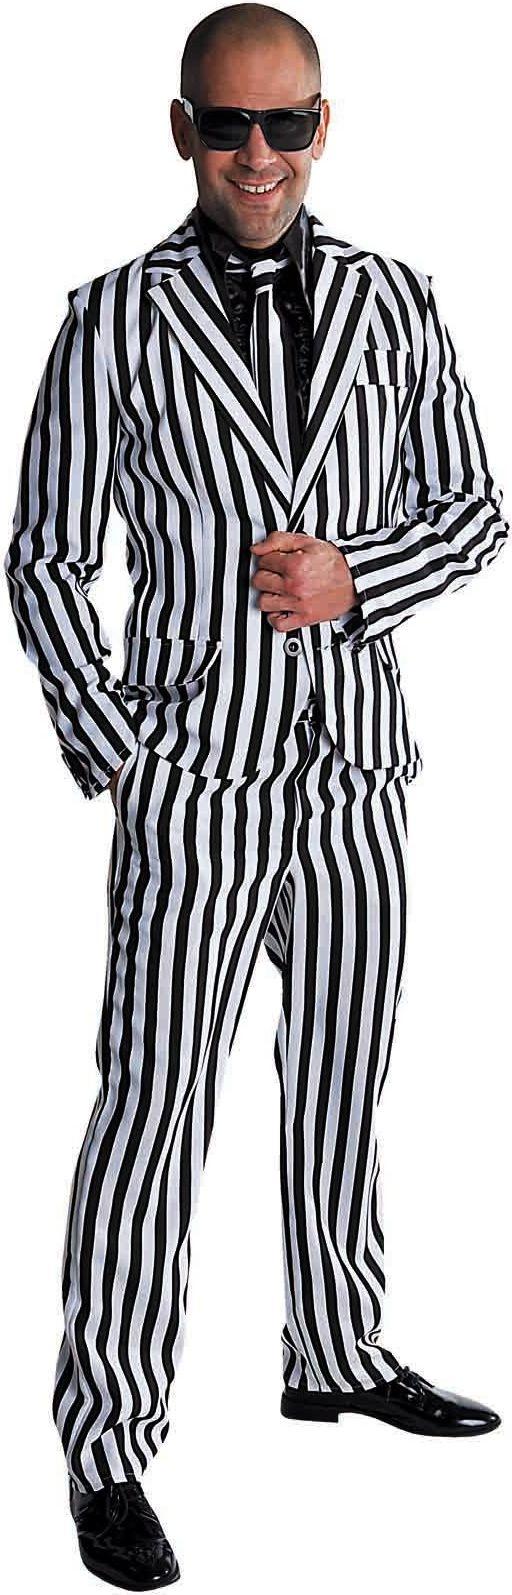 Zebra maatpak disco man